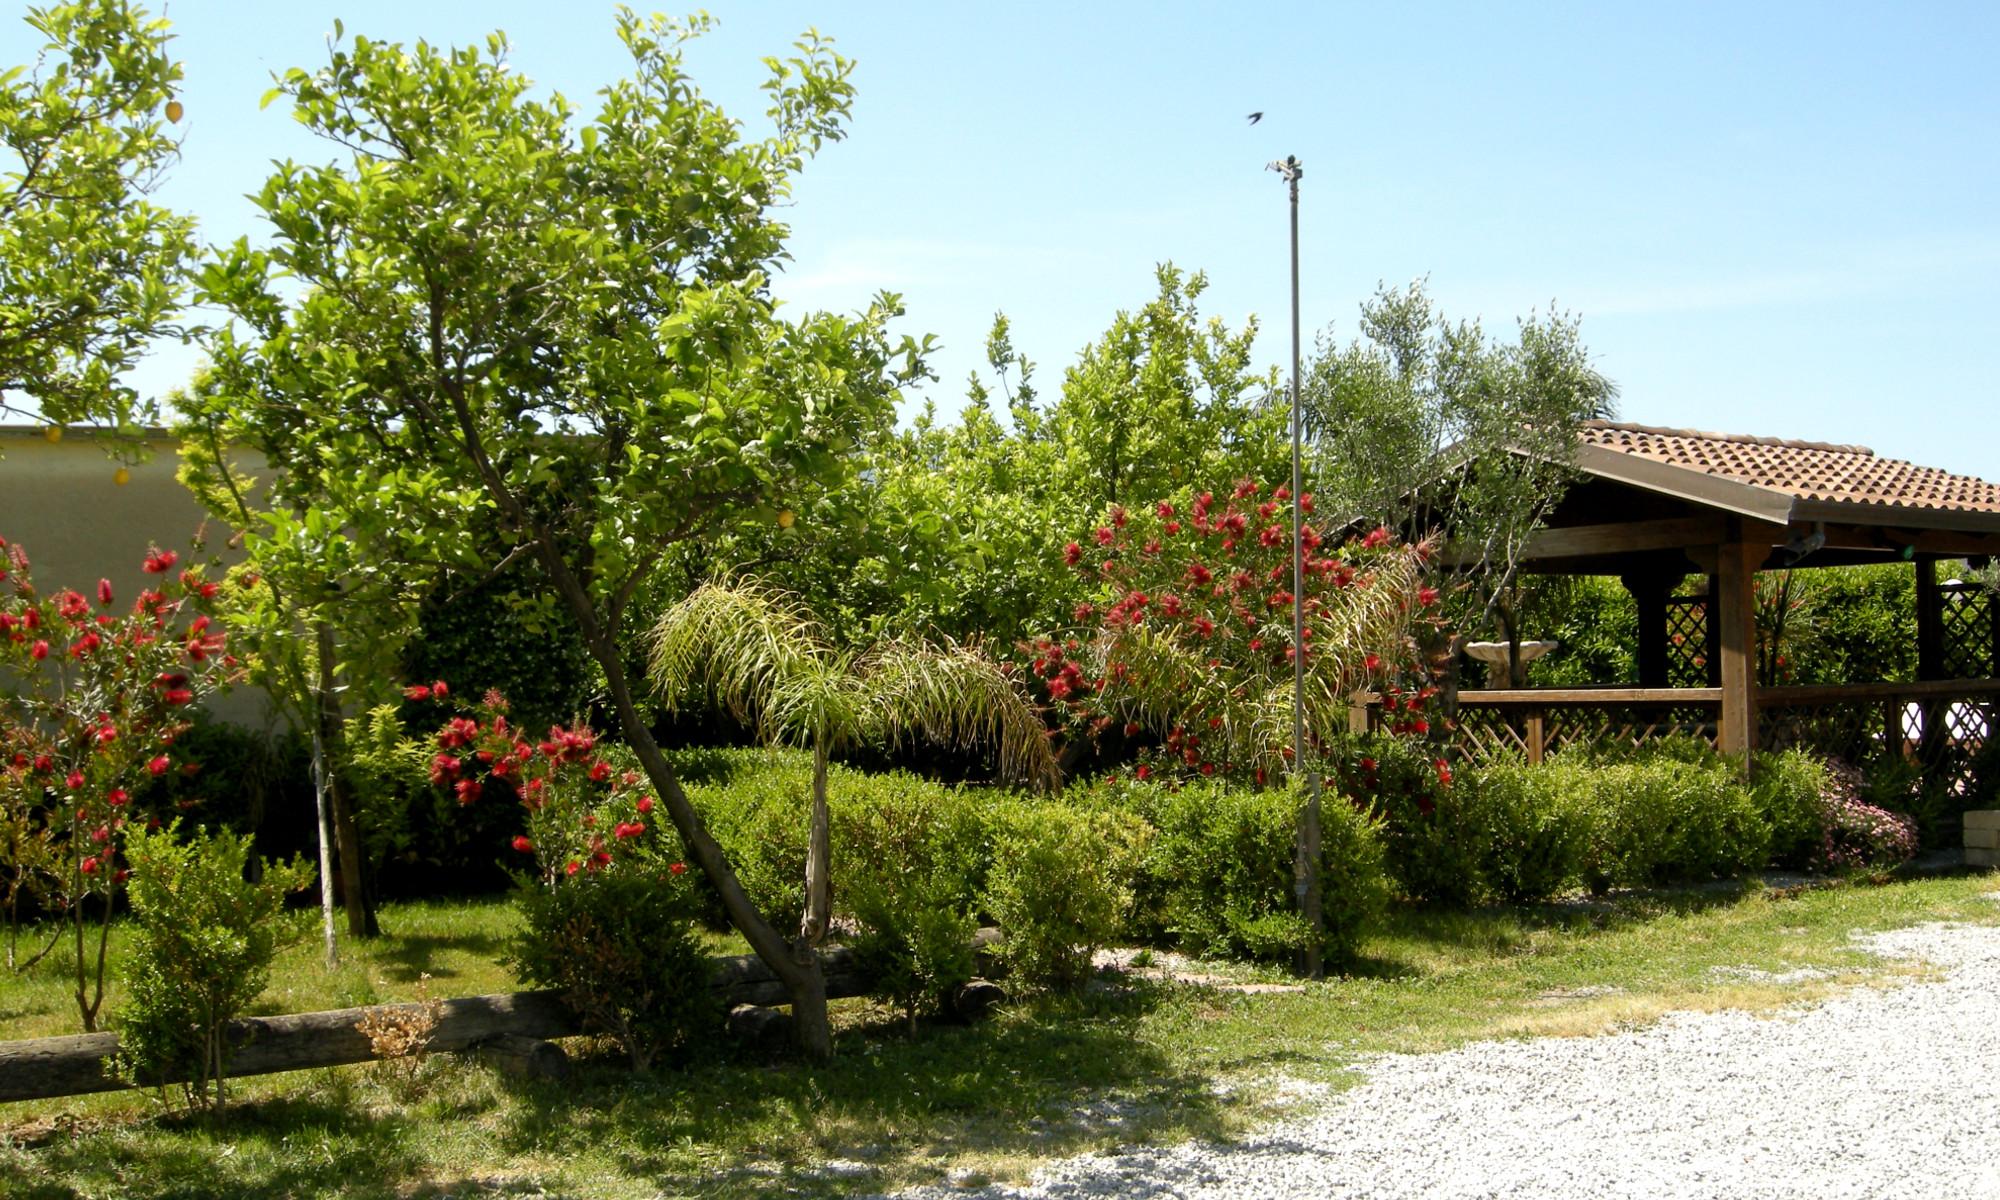 Ristorante Il Giardinetto